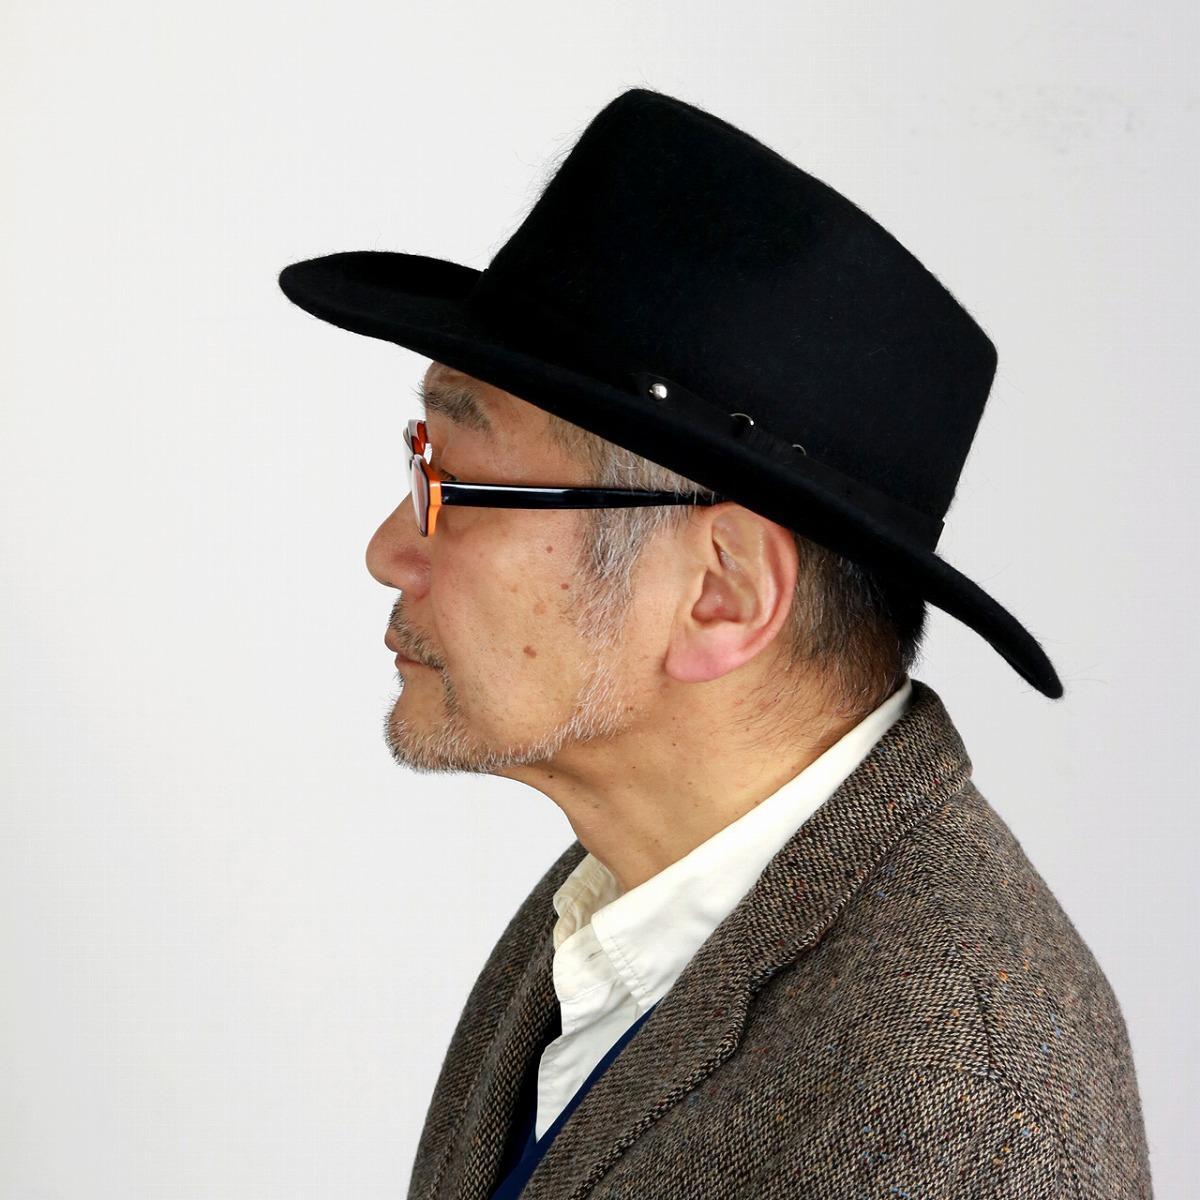 ELEHELM HAT STORE  Soft felt hat hat suede belt black black  fedora ... 762556fcb3ee